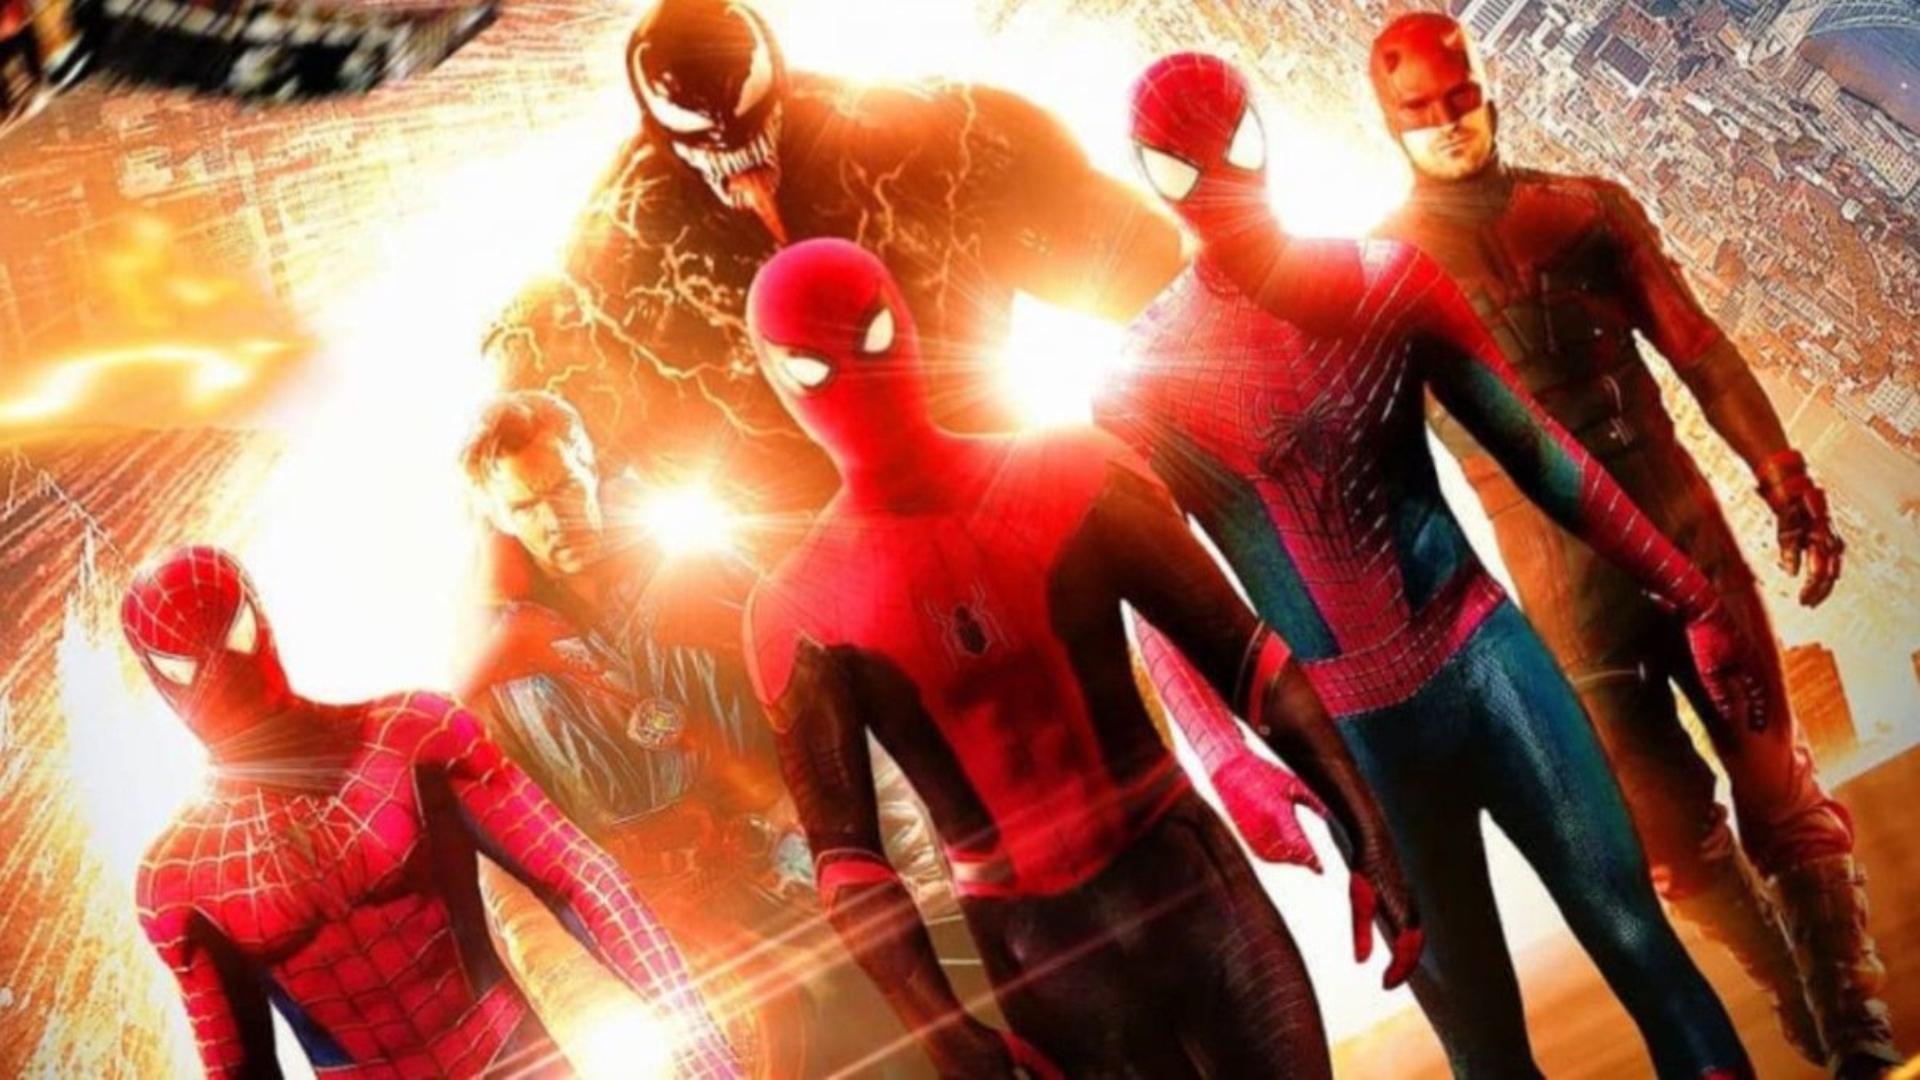 Spider-Man-3-No-Andrew-Garfield-Tobey-Maguire-GamersRD (1)